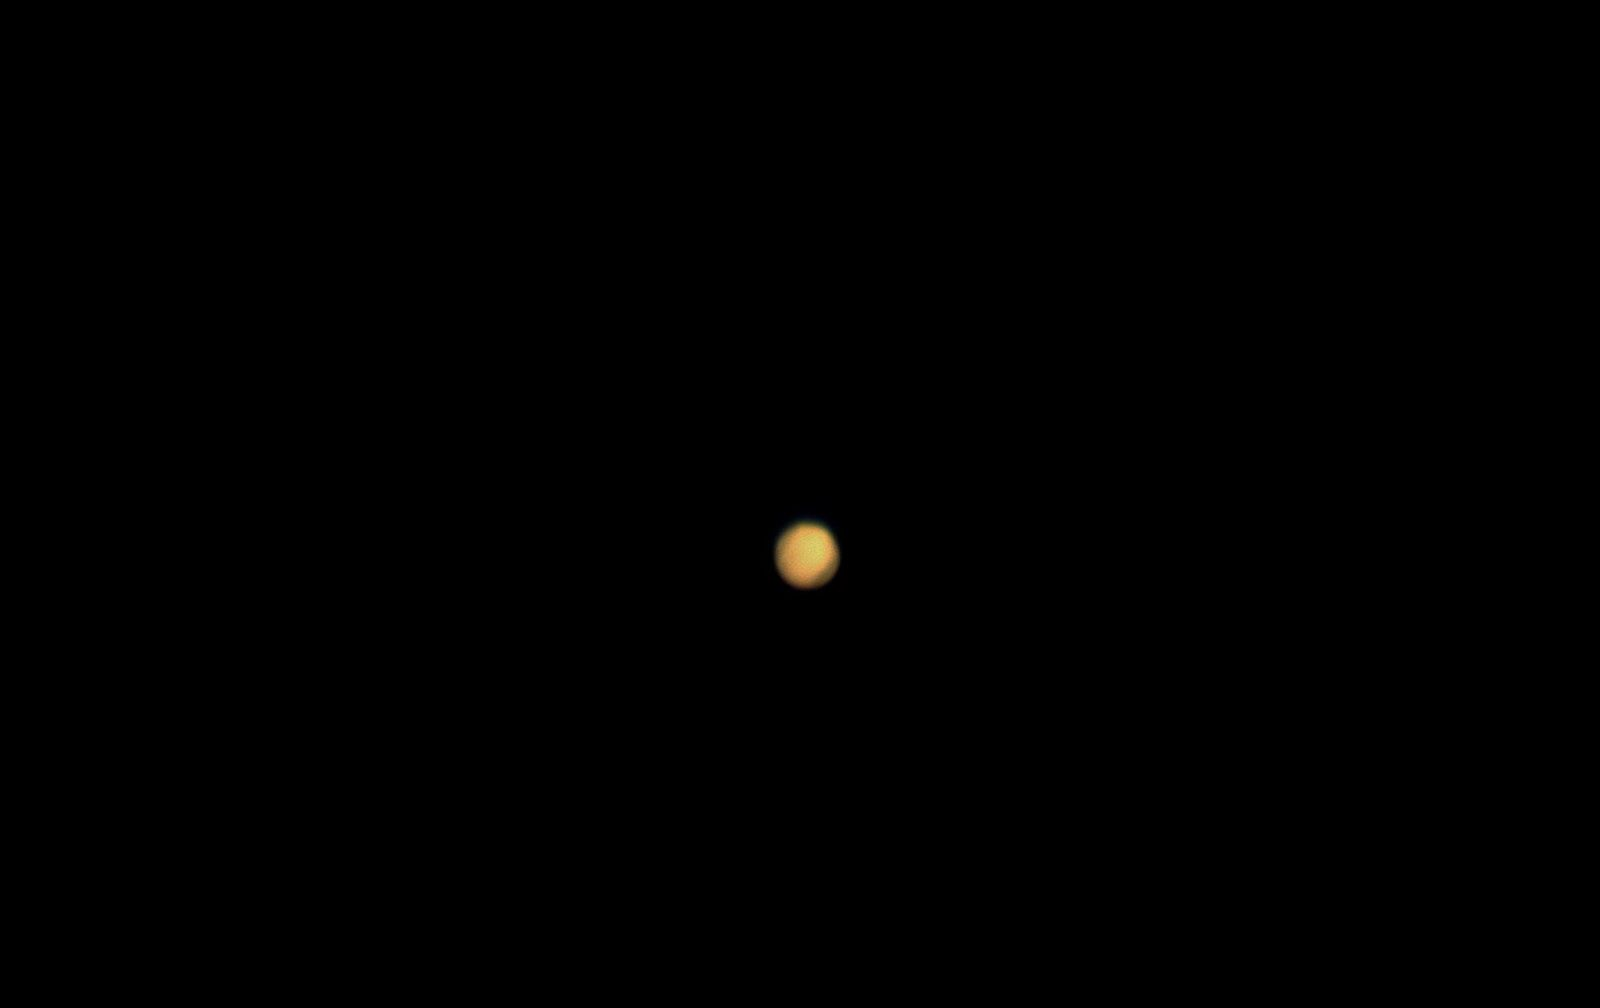 """Mars - 12"""" Skywatcher"""